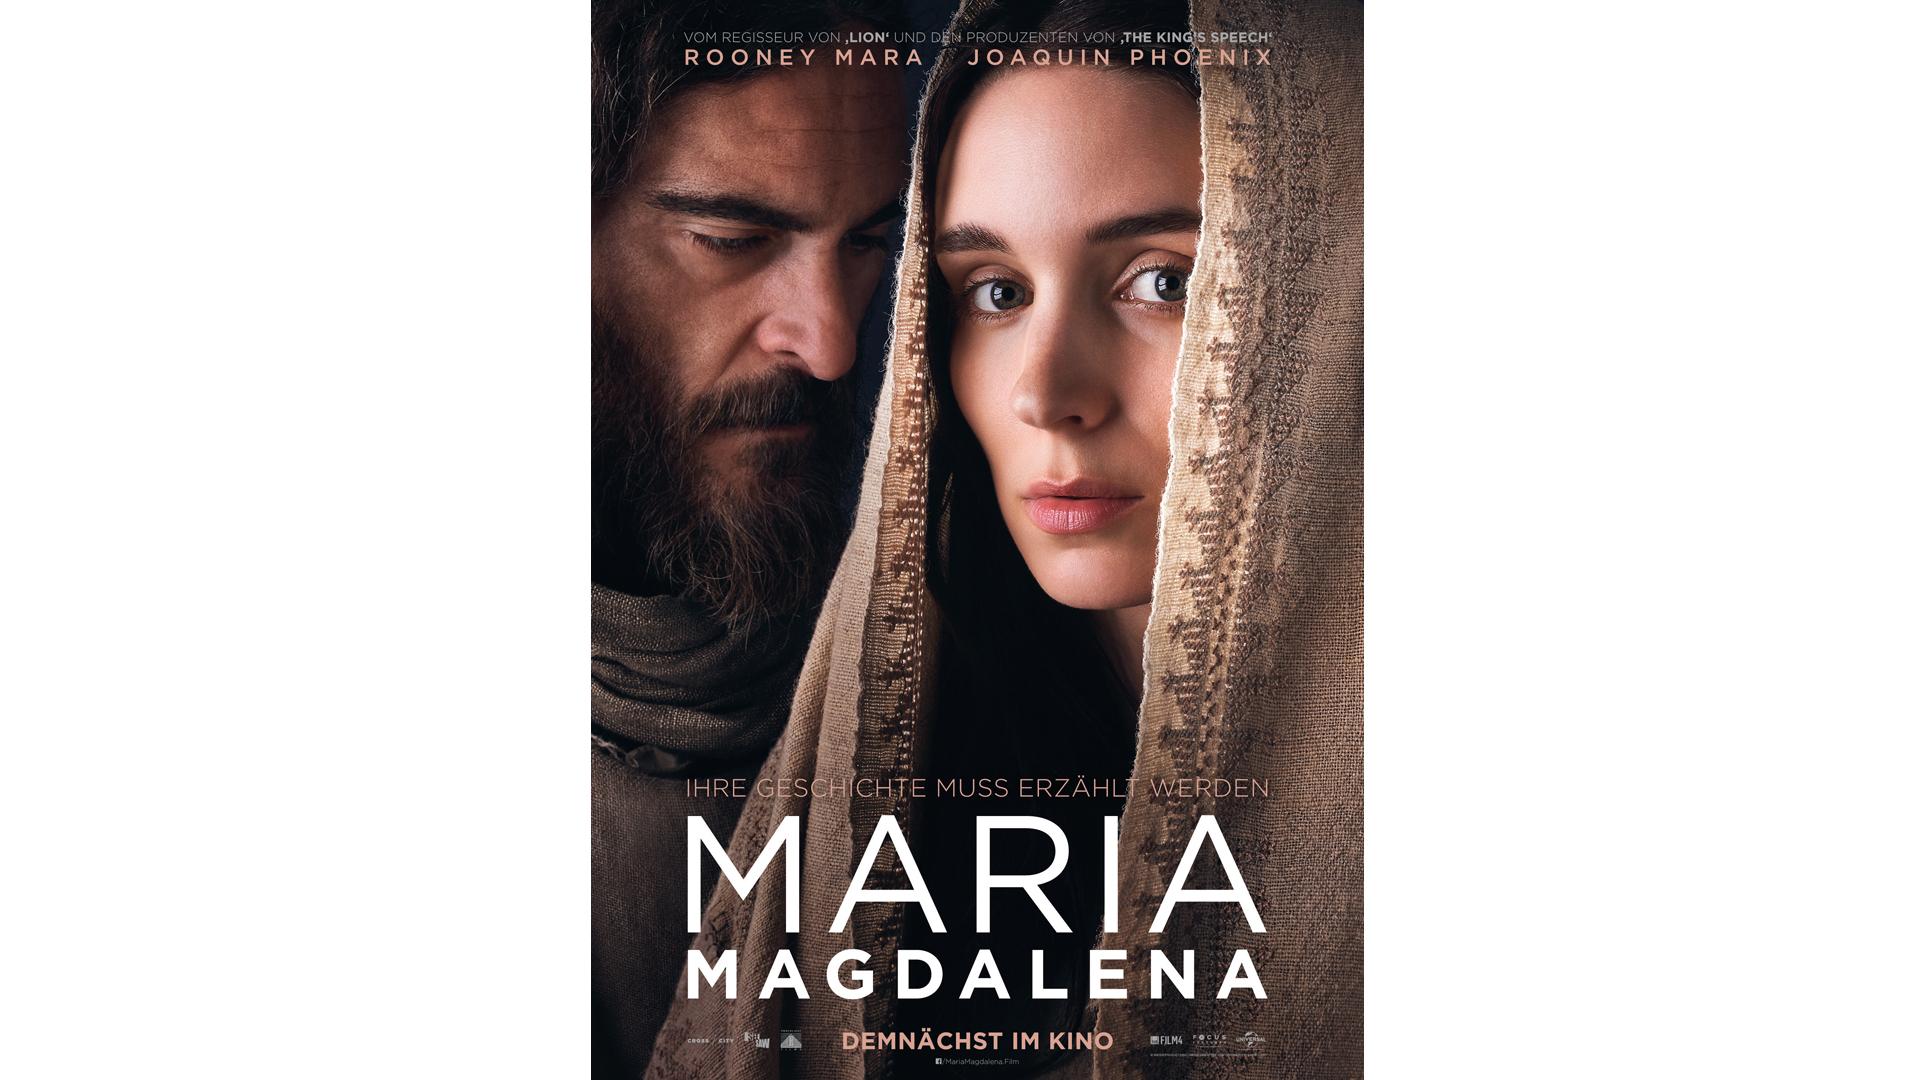 Mit Joaquin Phoenix und Rooney Mara ist der Film Maria Magdalena hochkarätig besetzt. Am 15. März läuft er an.